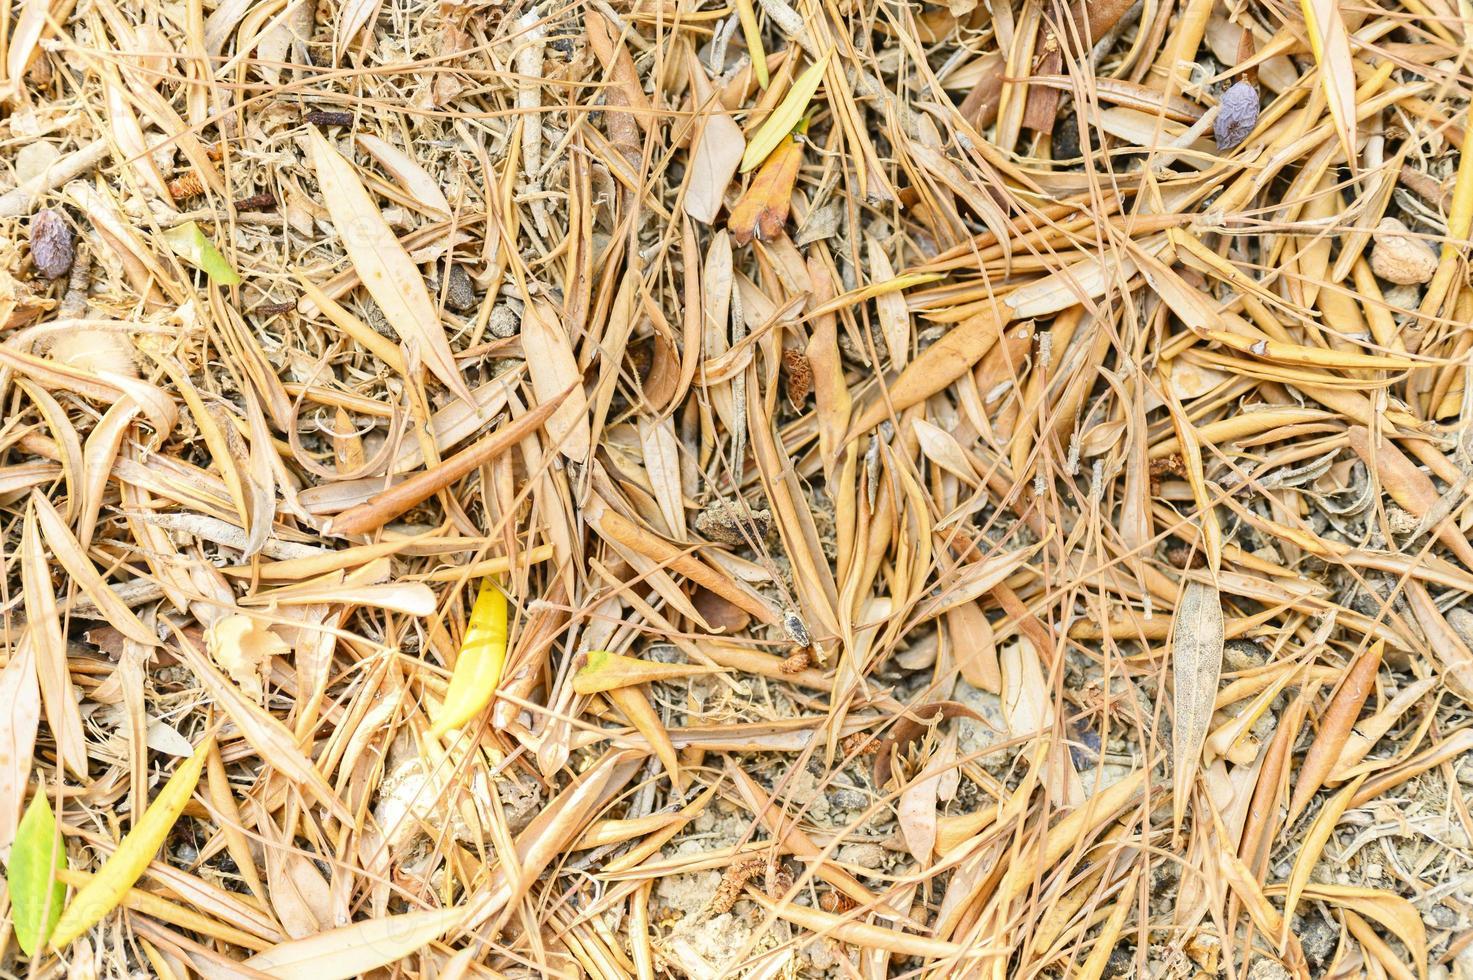 Fond texturé de feuilles d'automne tombées sèches et fanées d'oliviers photo